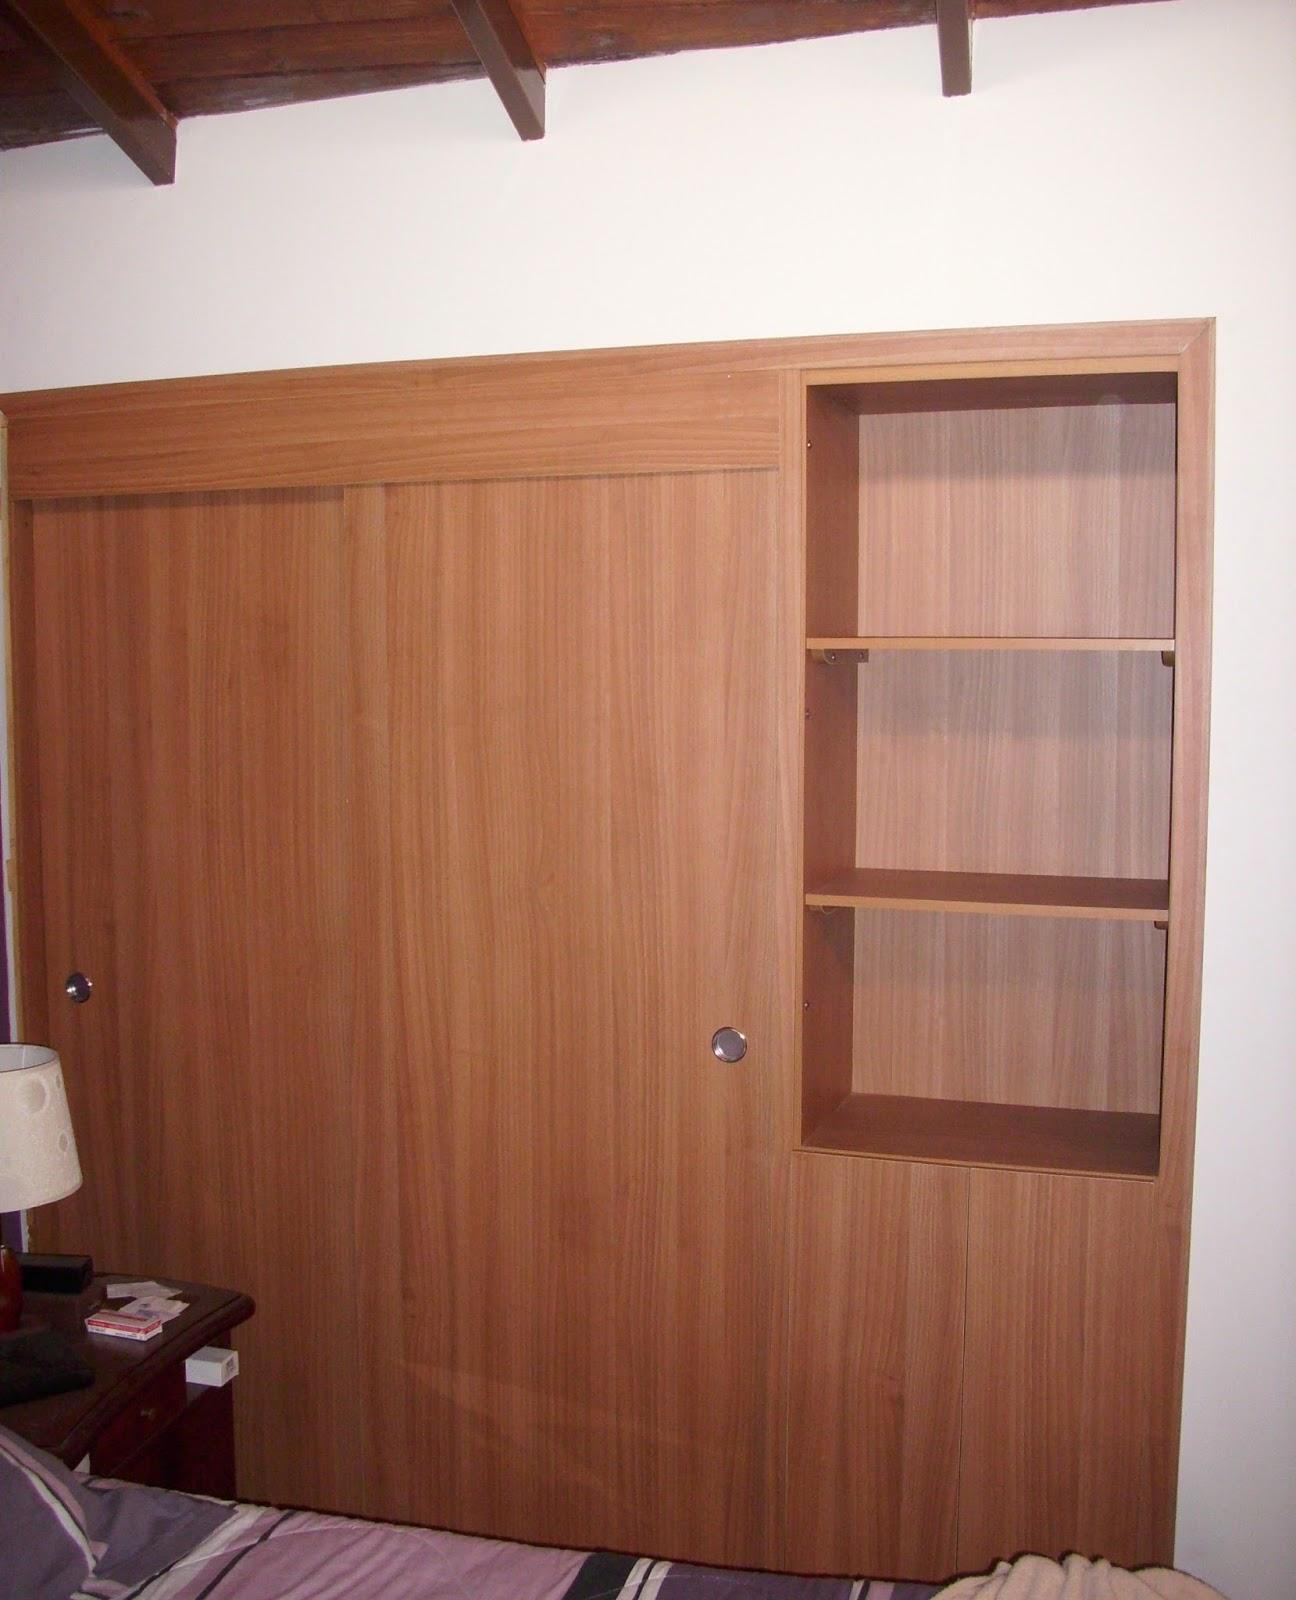 Mis trabajos en madera closets en melamina for Trabajos de melamina